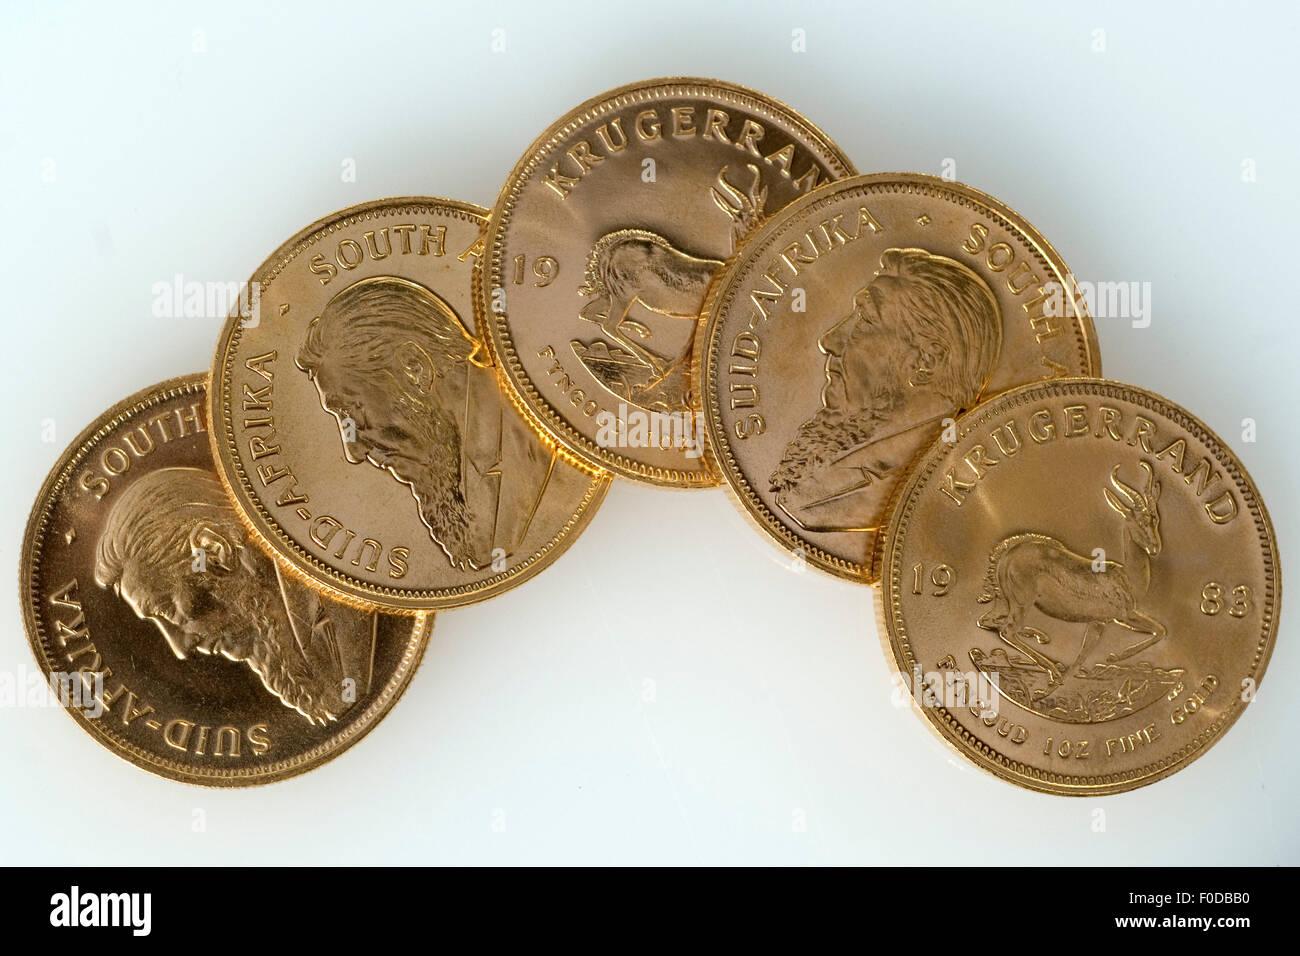 Kruegerrand-Goldmuenzen; Stock Photo